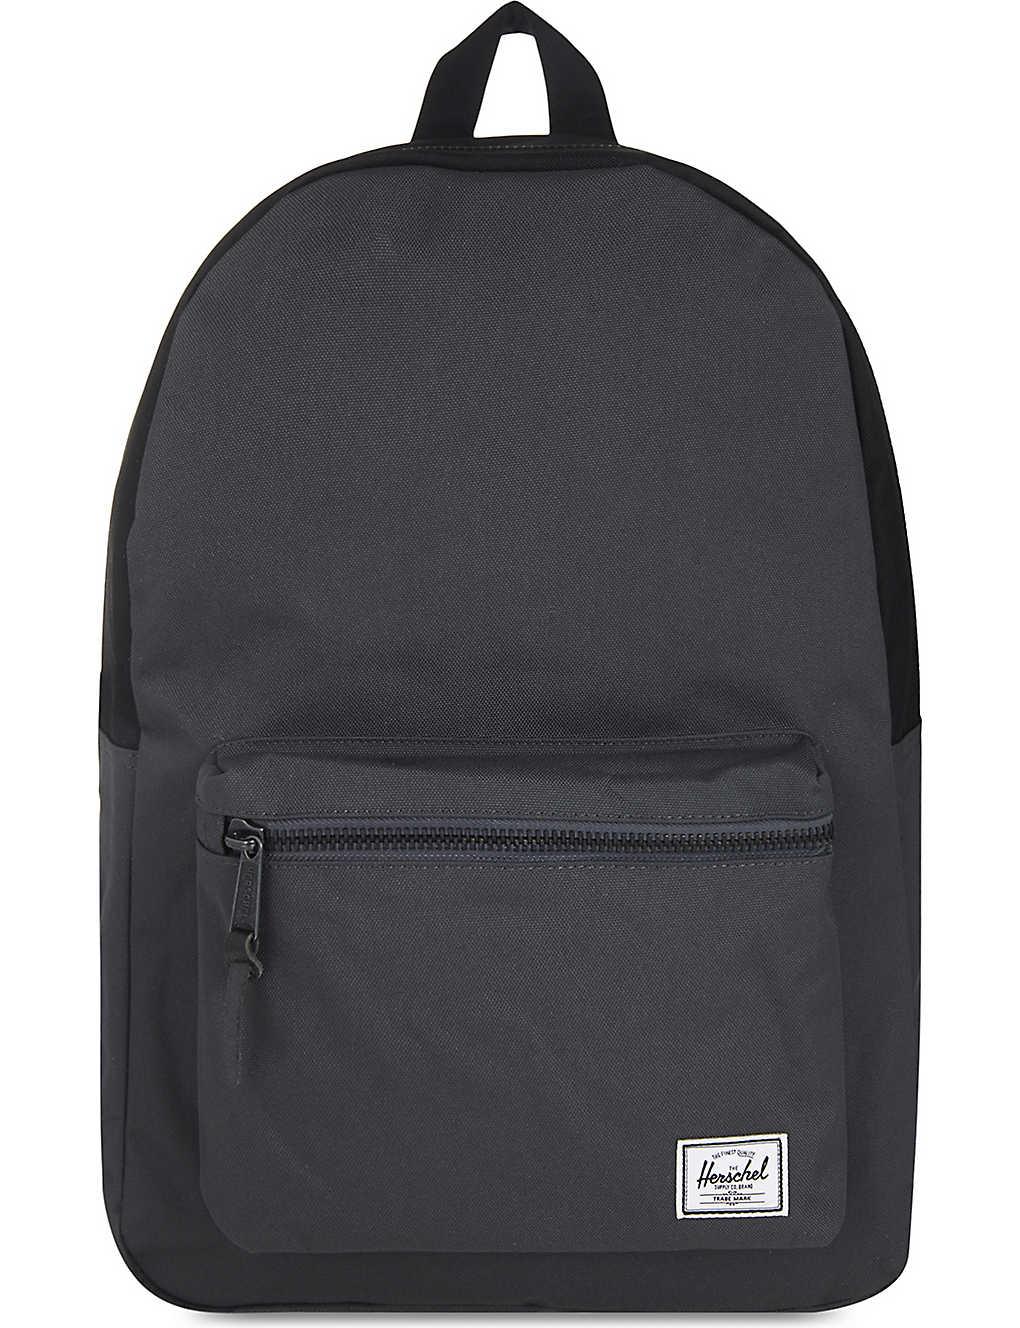 ddd94369dd HERSCHEL SUPPLY CO - Settlement backpack